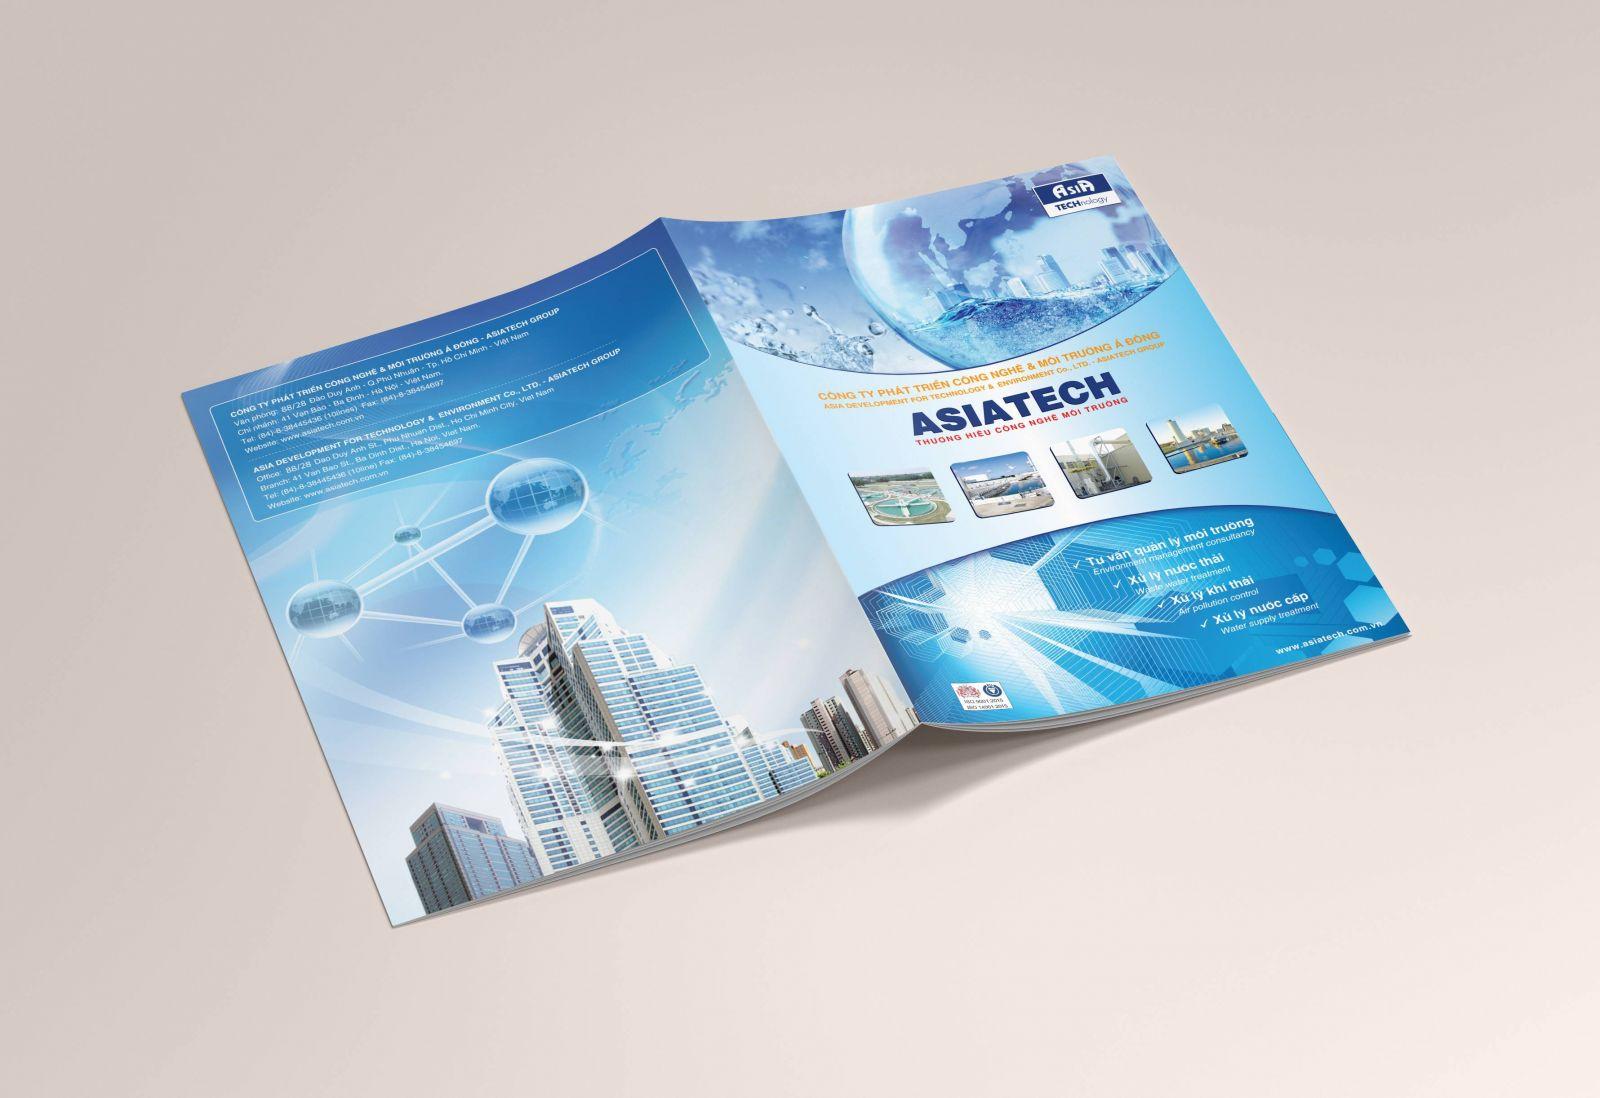 Catalogue của một công ty cơ điện